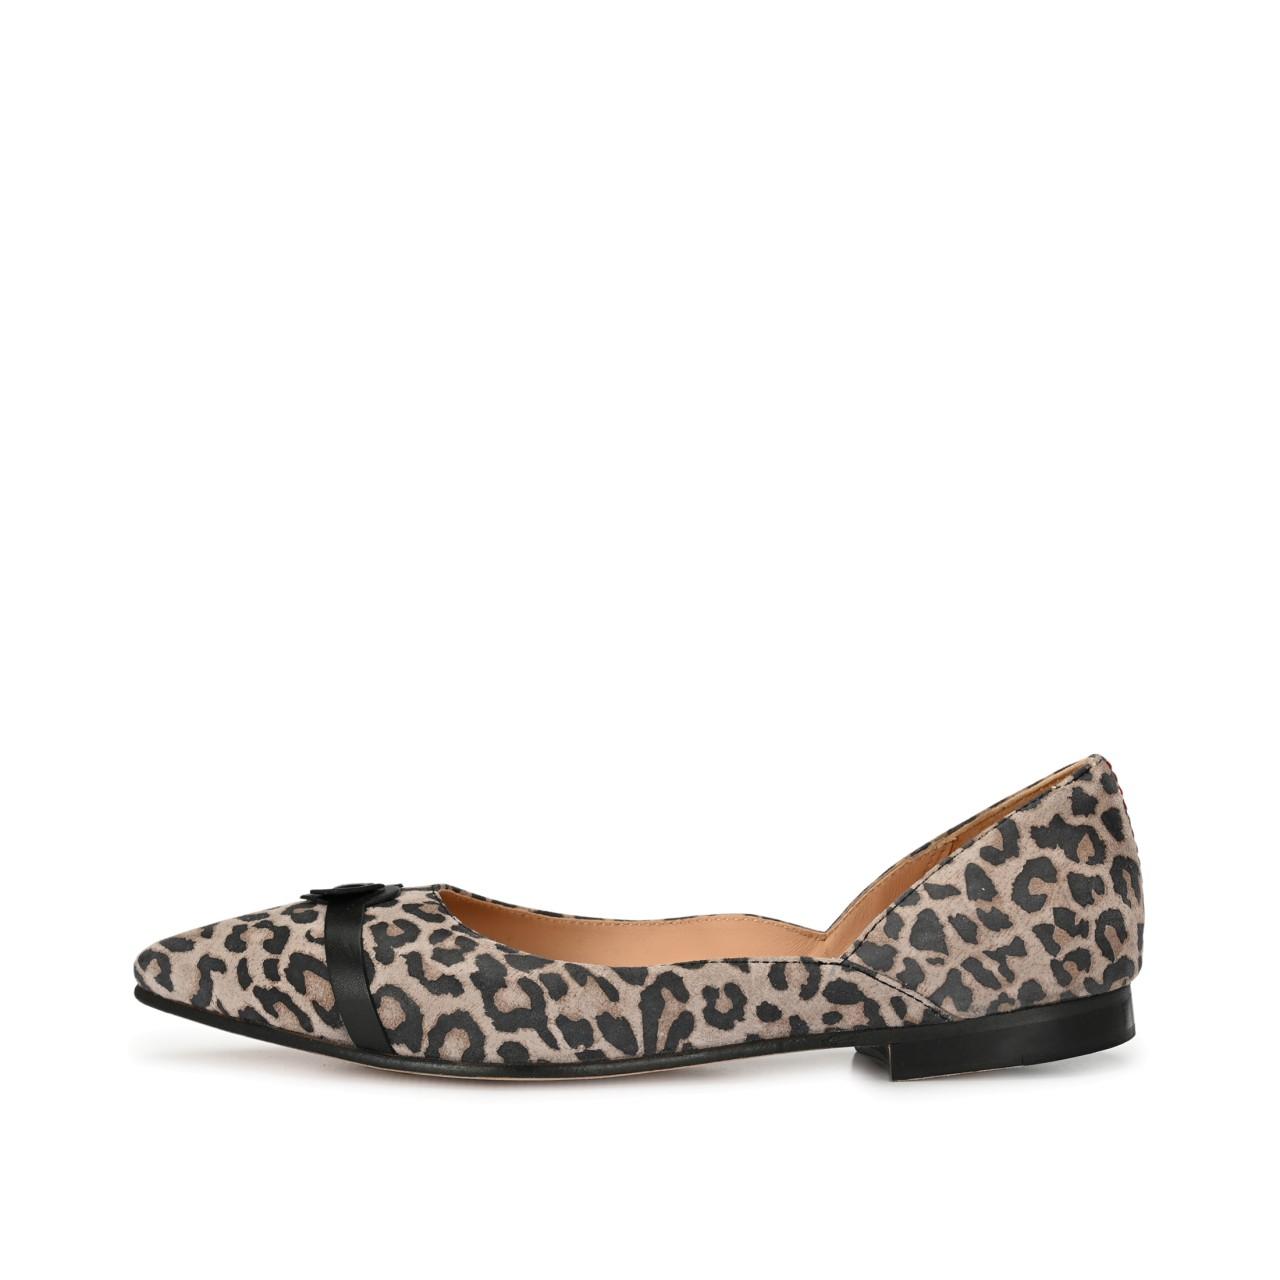 JASMINA Leopard